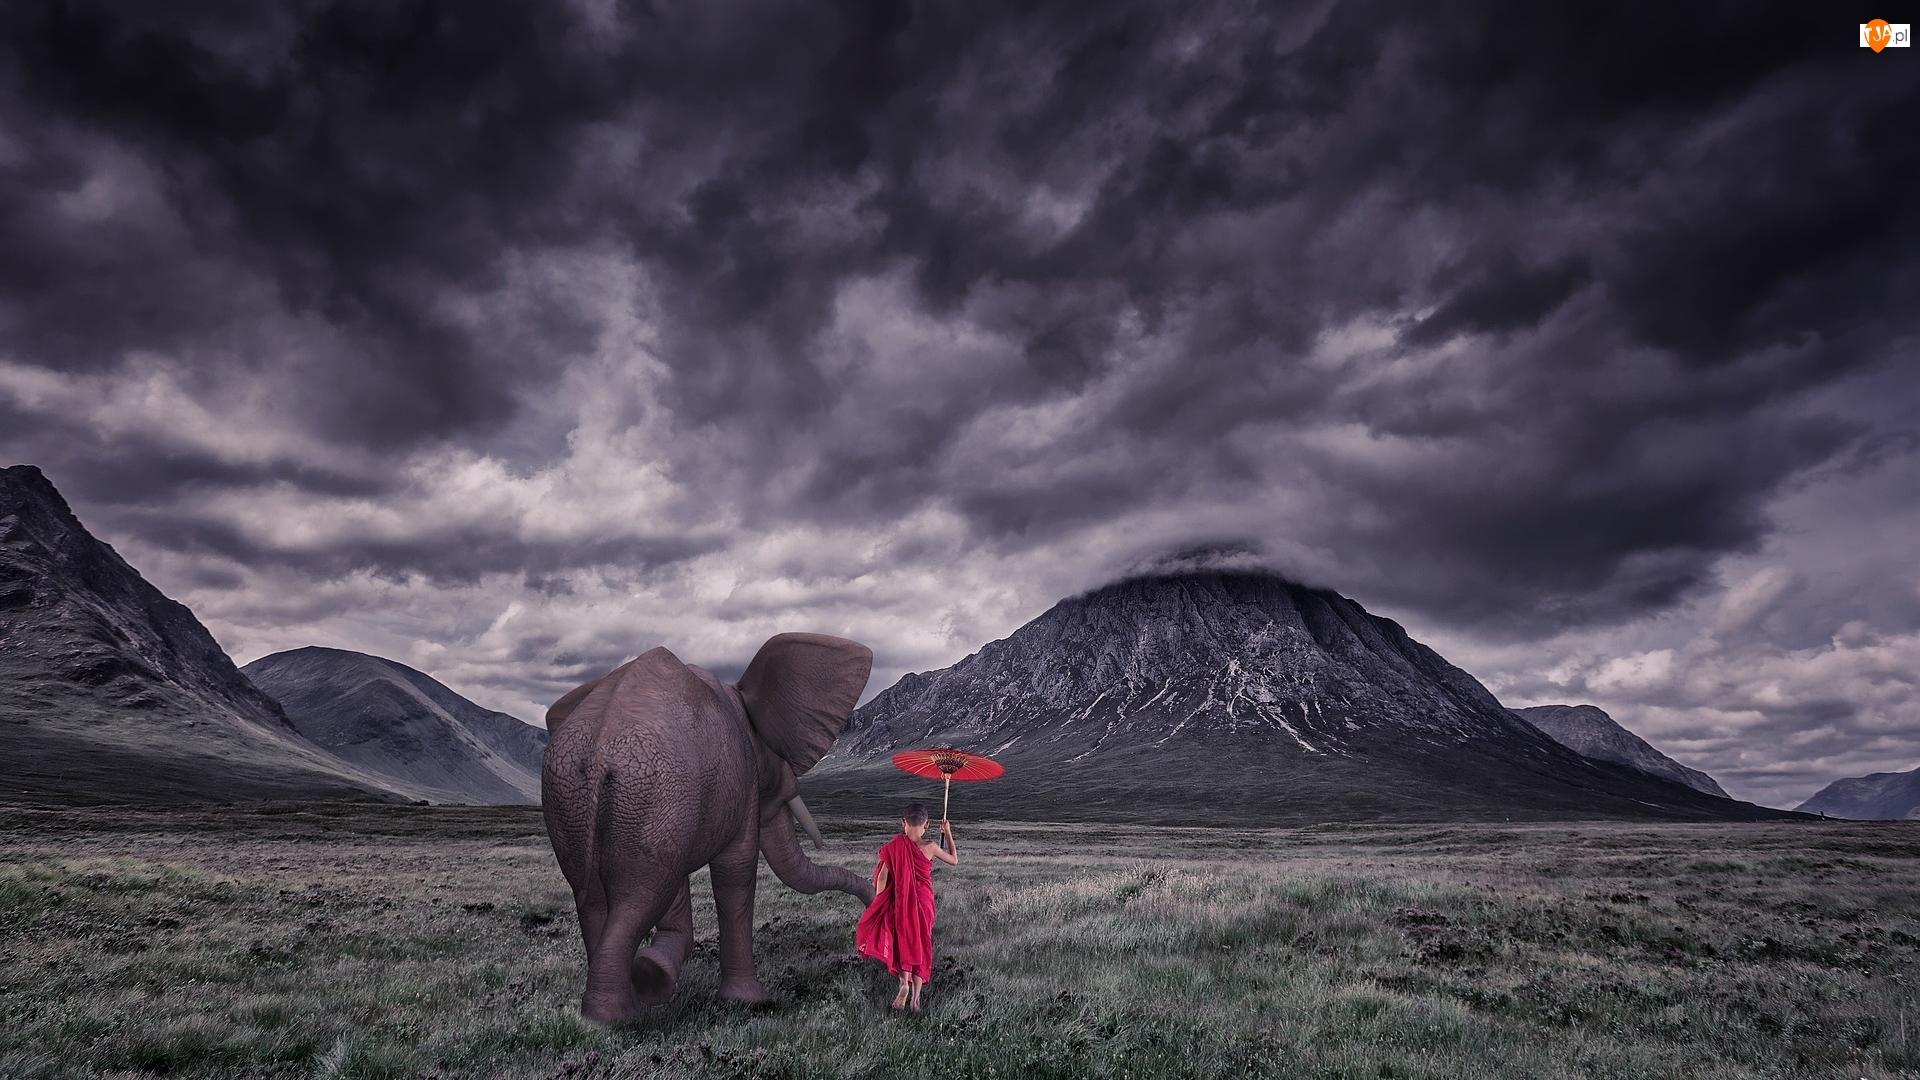 Dziecko, Czerwona, Chmury, Góry, Ciemne, Słoń, Parasolka